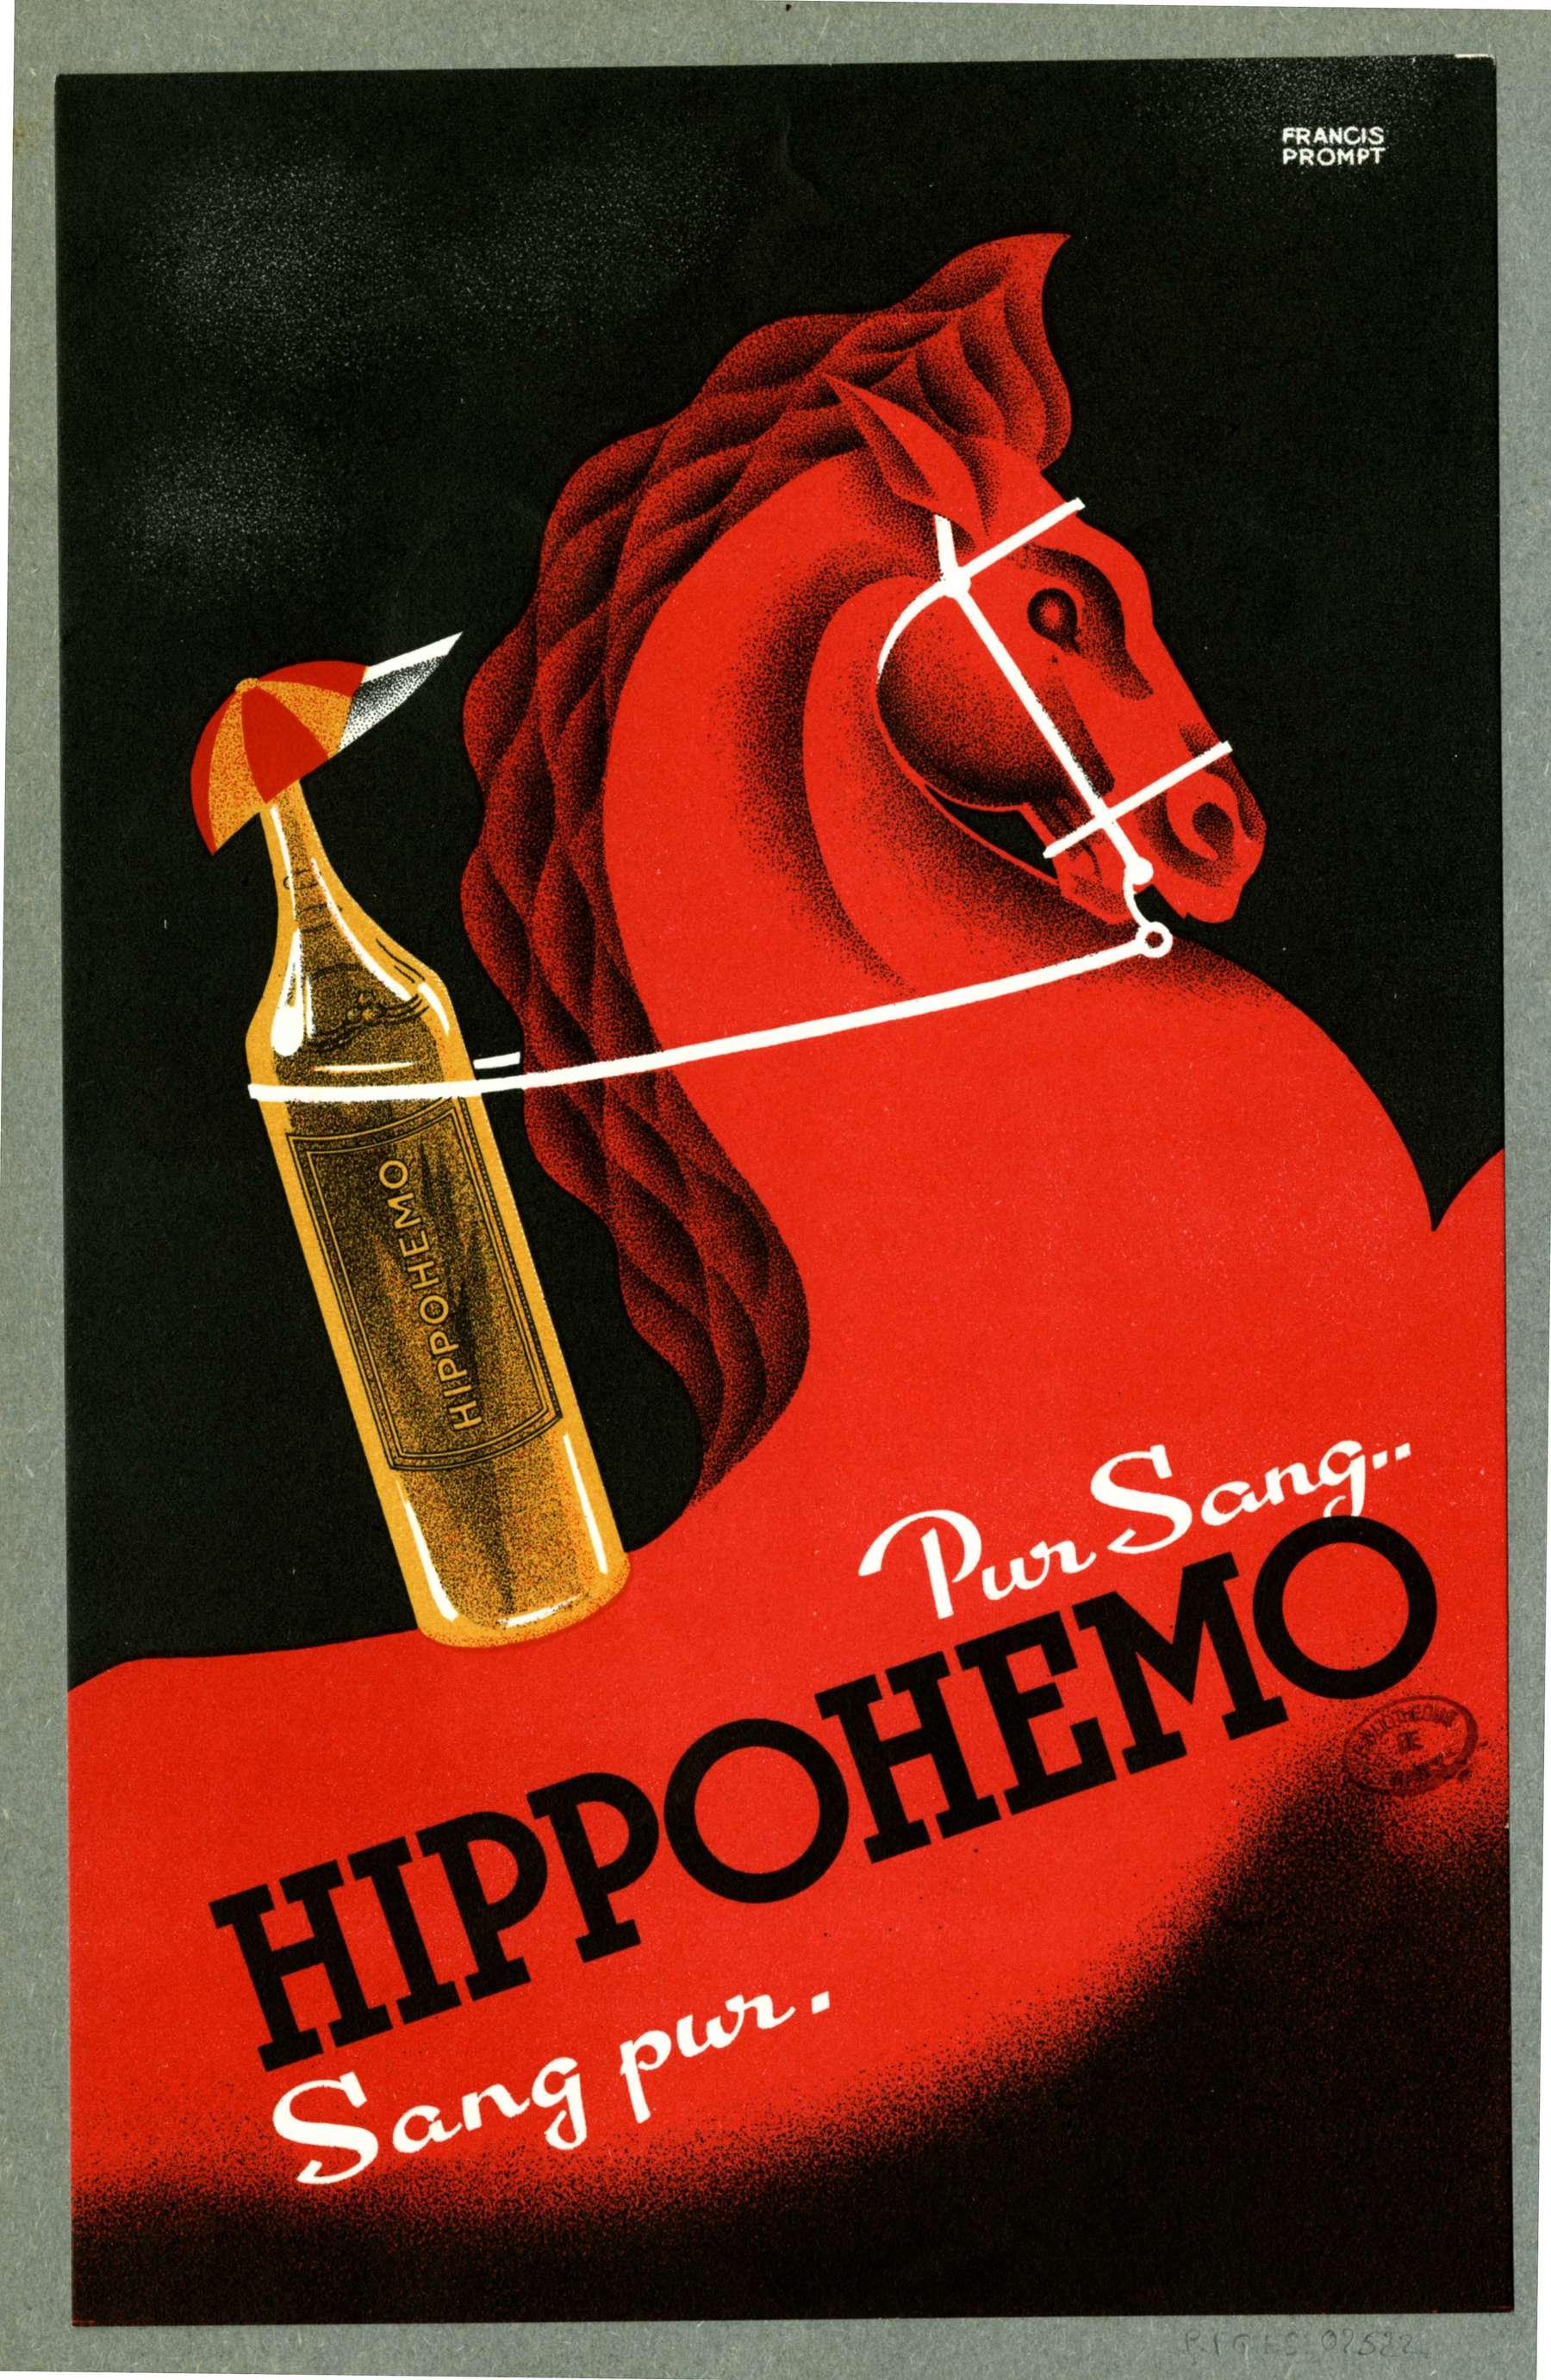 Contenu du Hippohemo